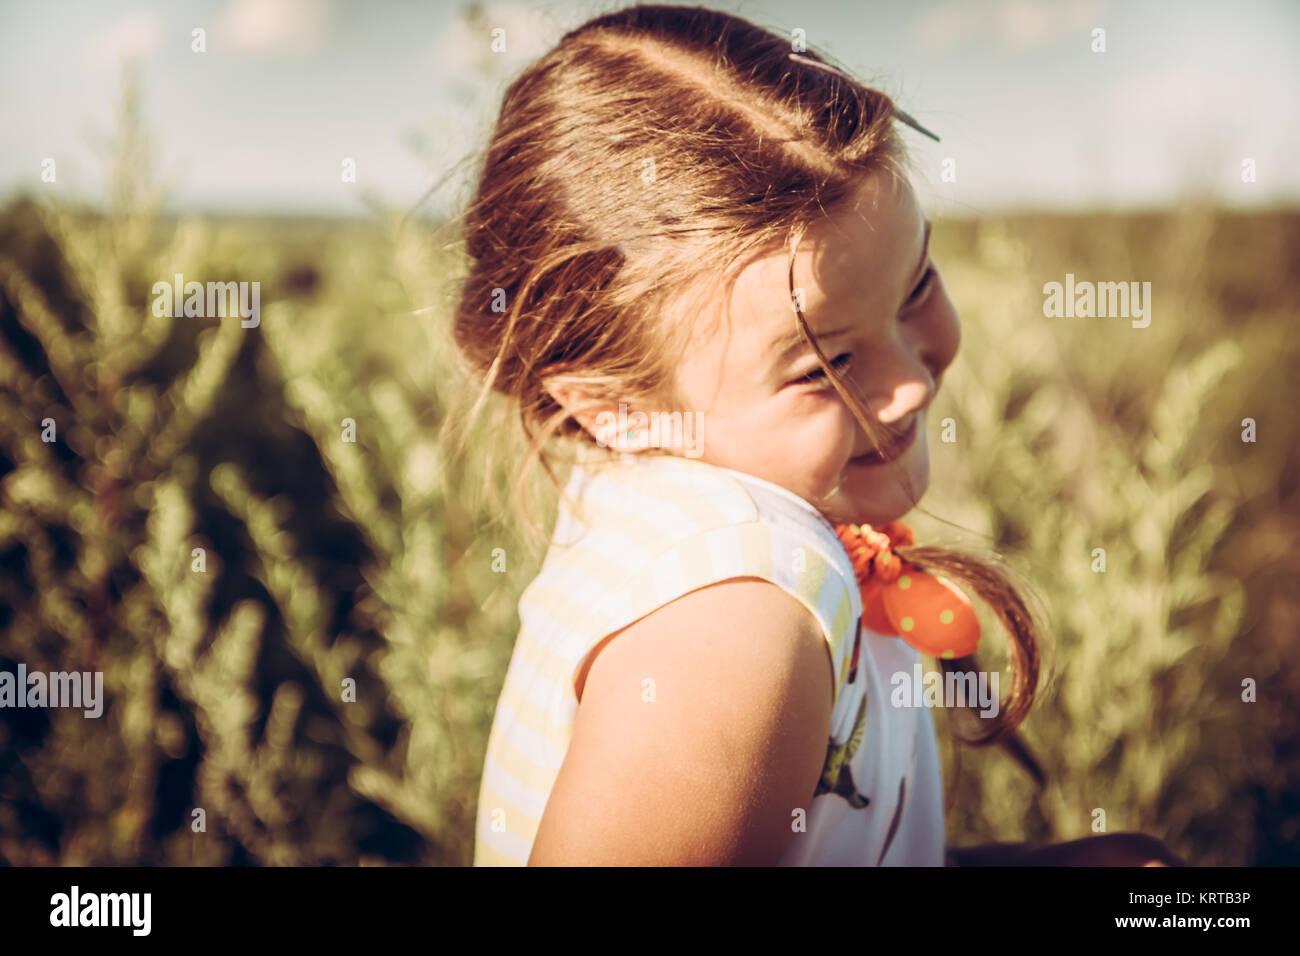 Cute girl plumpy timide en été domaine rural à la campagne pendant les vacances d'enfance insouciante Photo Stock